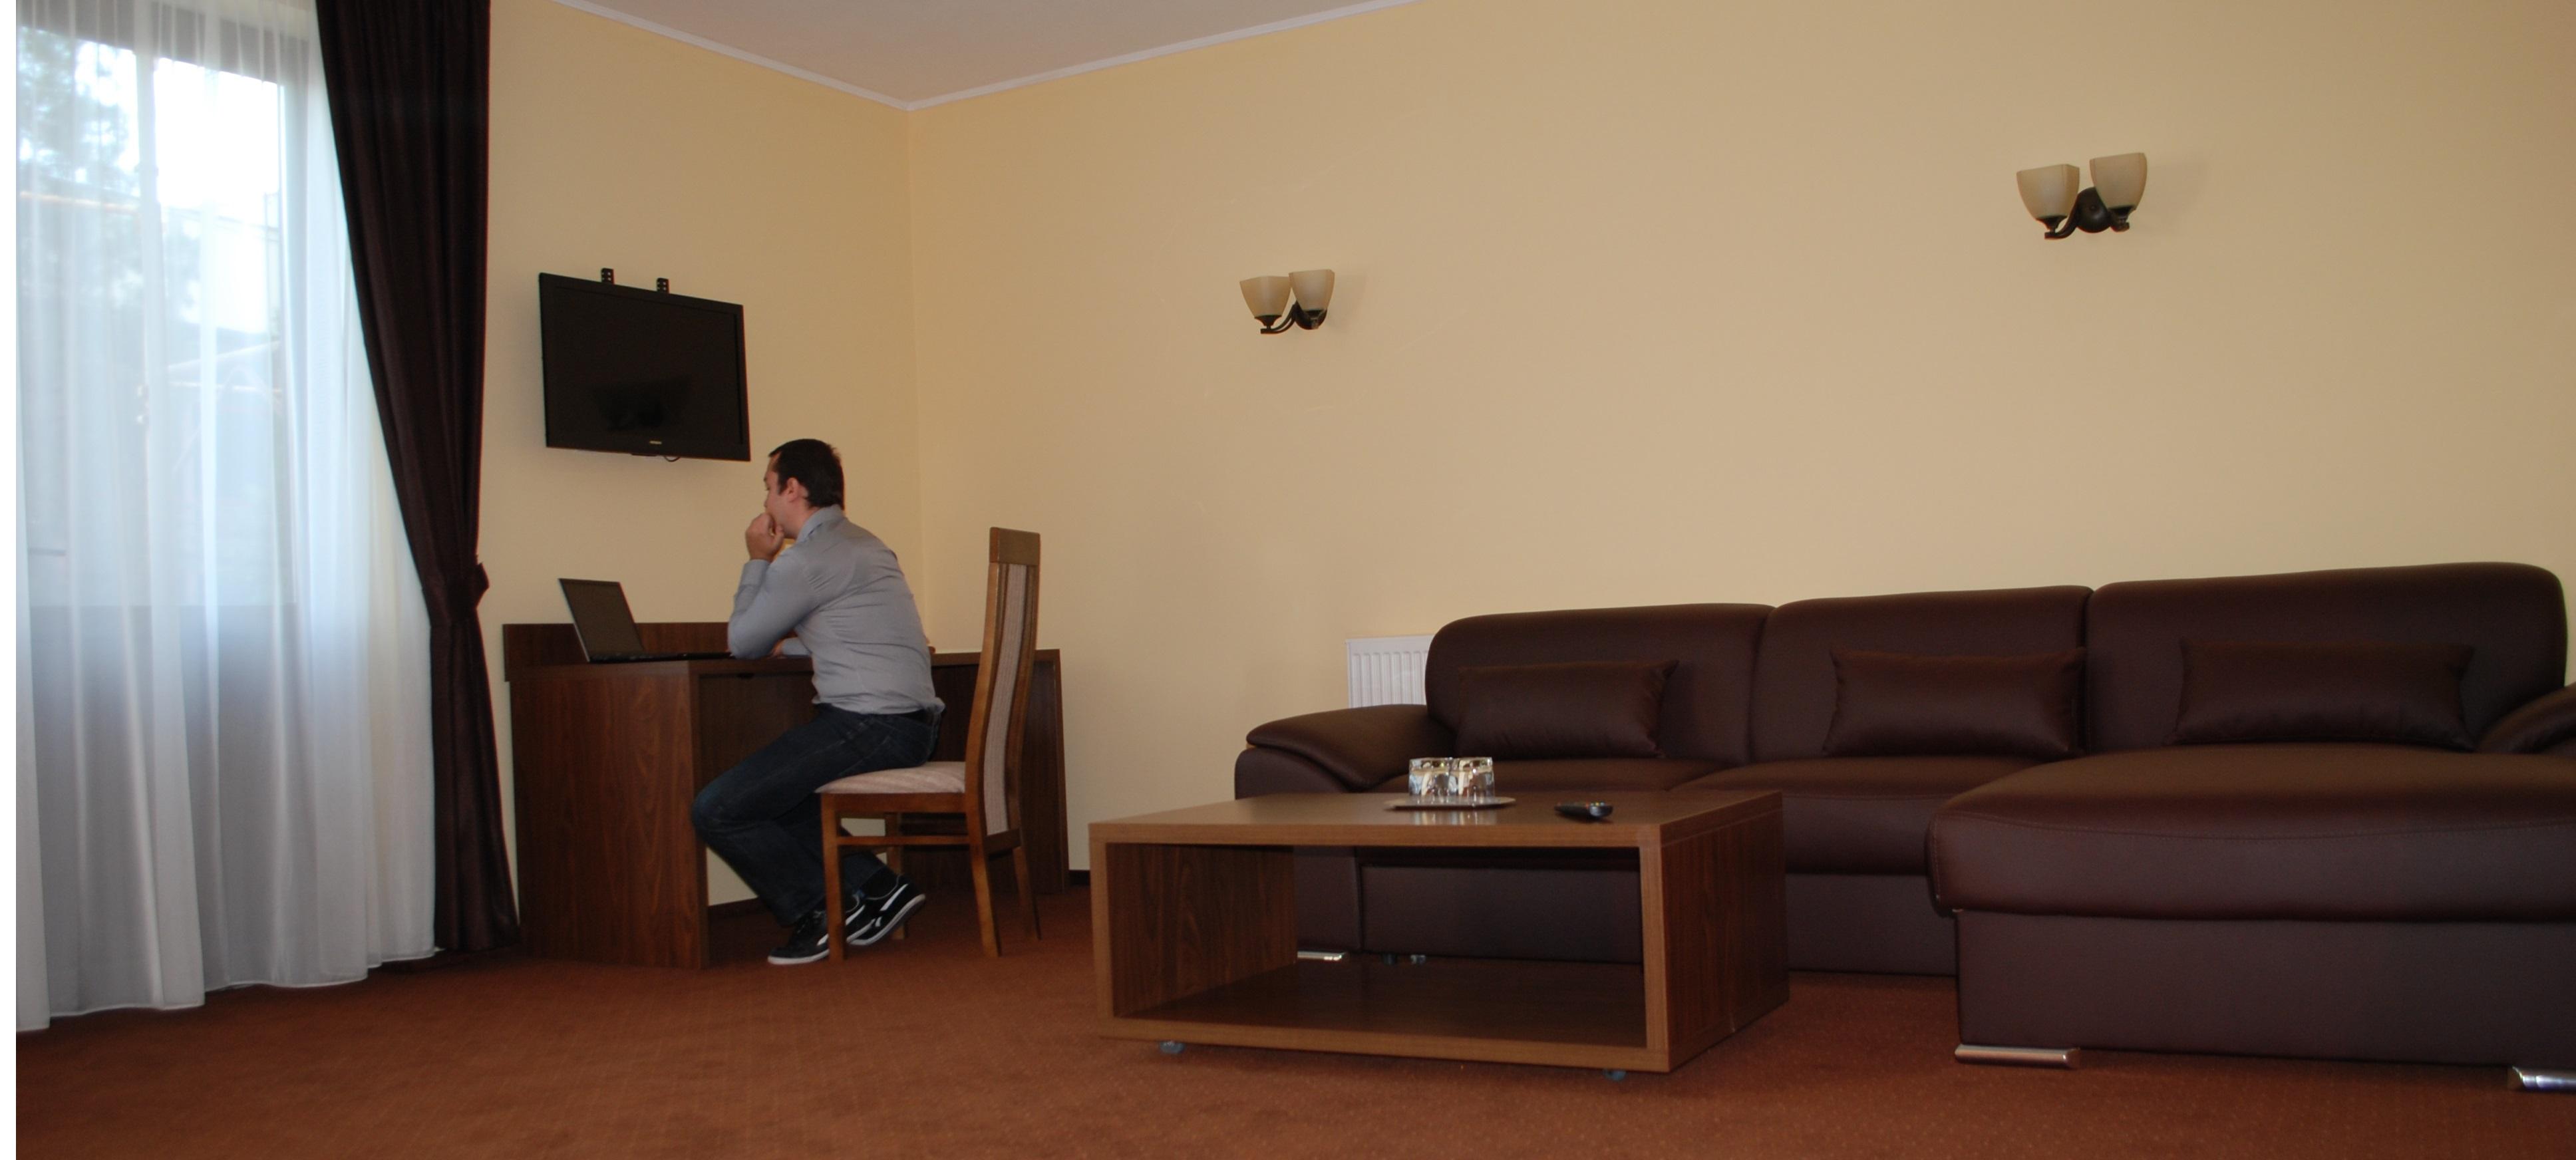 Apartment [3]